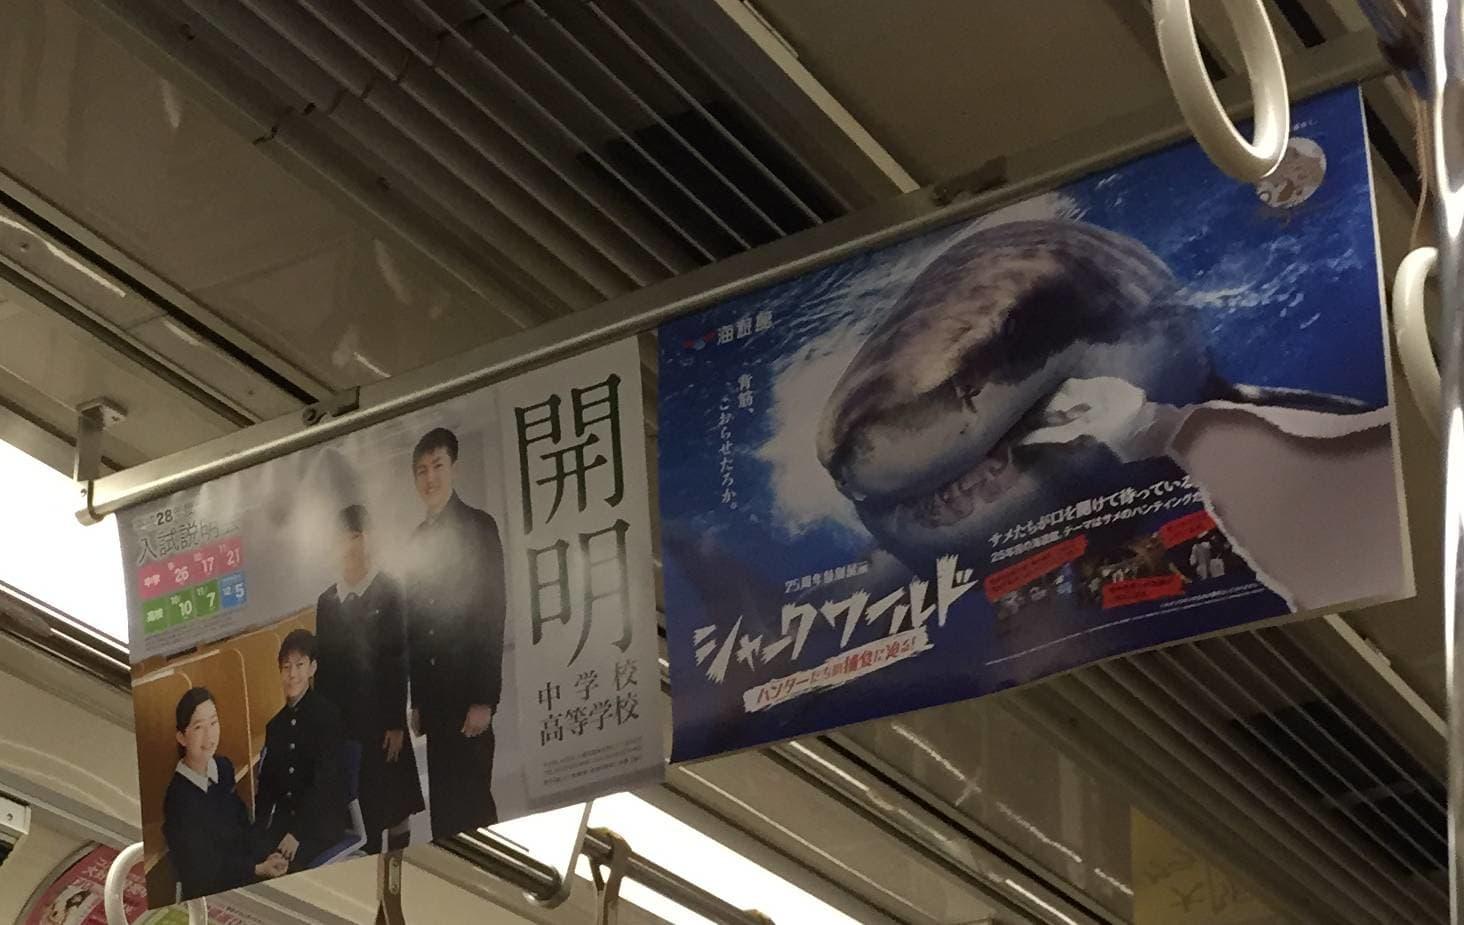 中吊り広告(same)